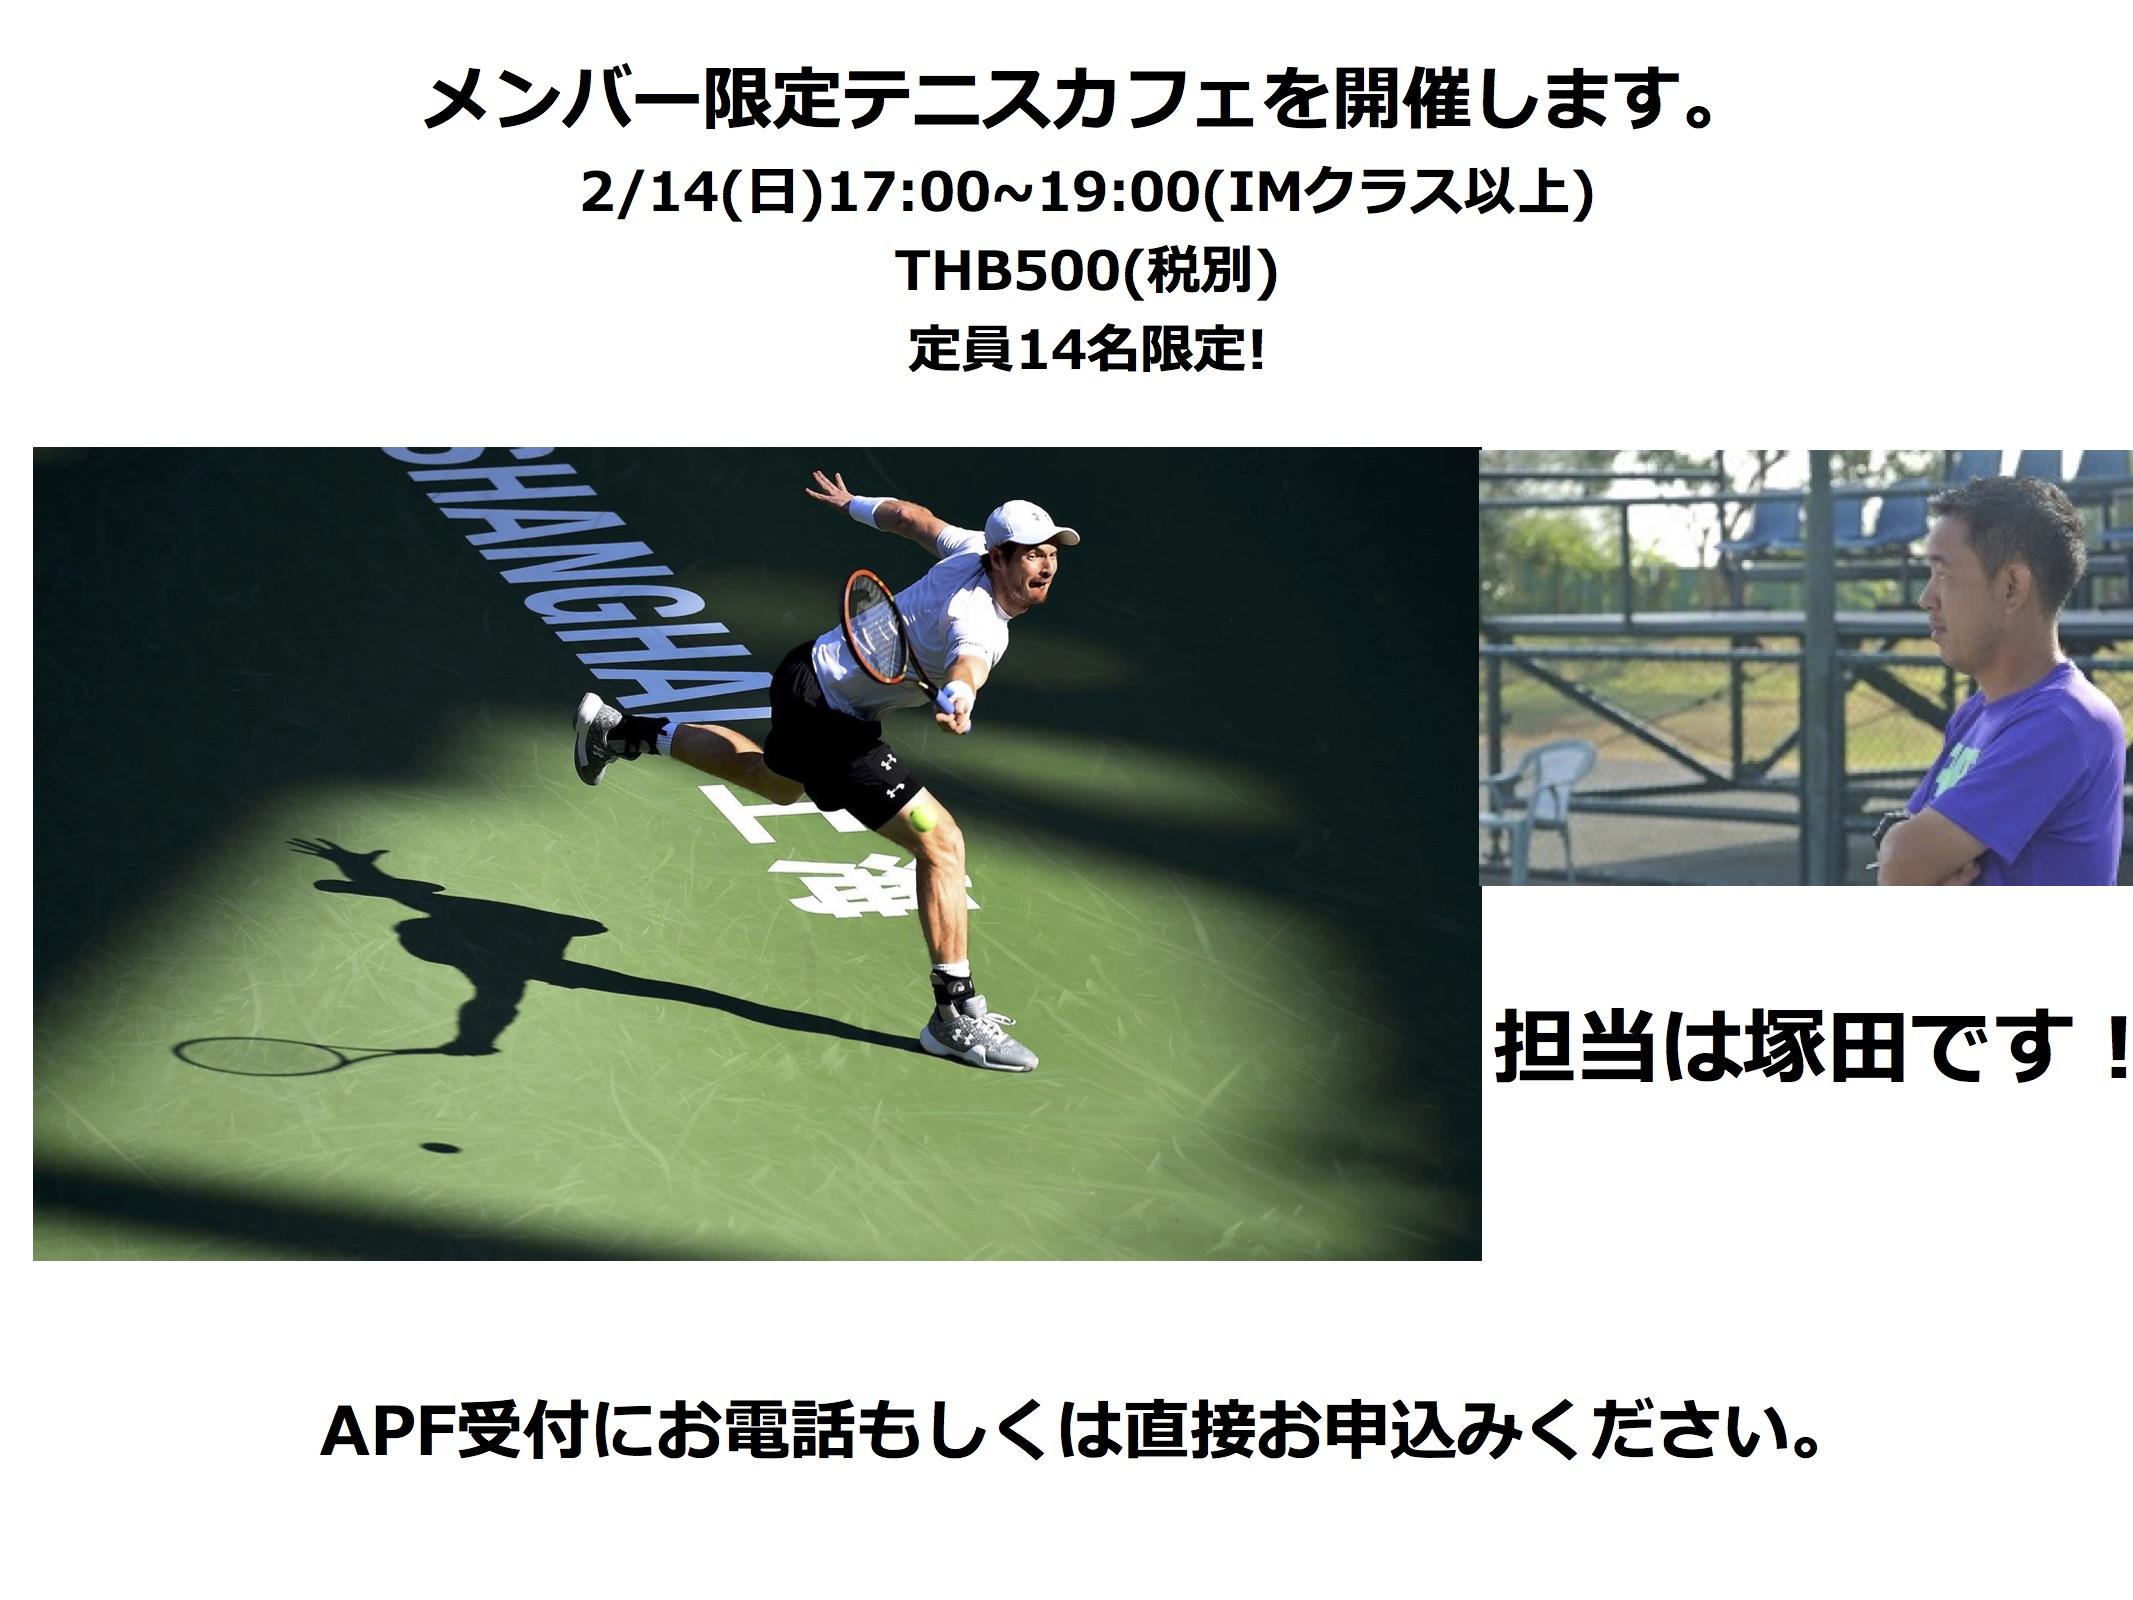 20160214_テニスカフェ